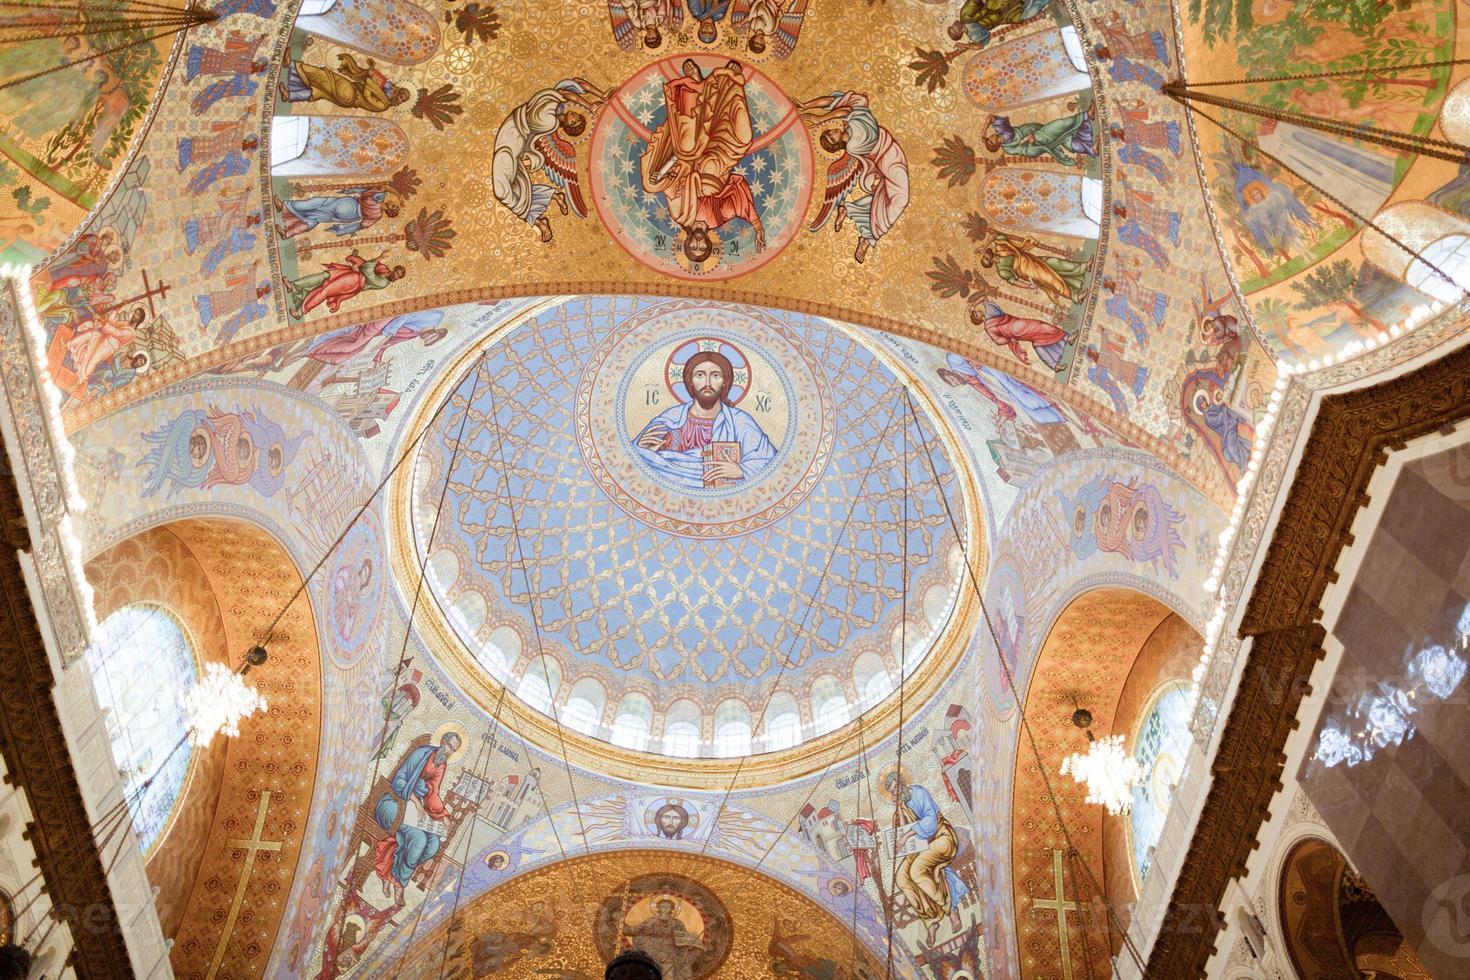 la pintura en la cúpula de la catedral del mar nikolsokgo foto